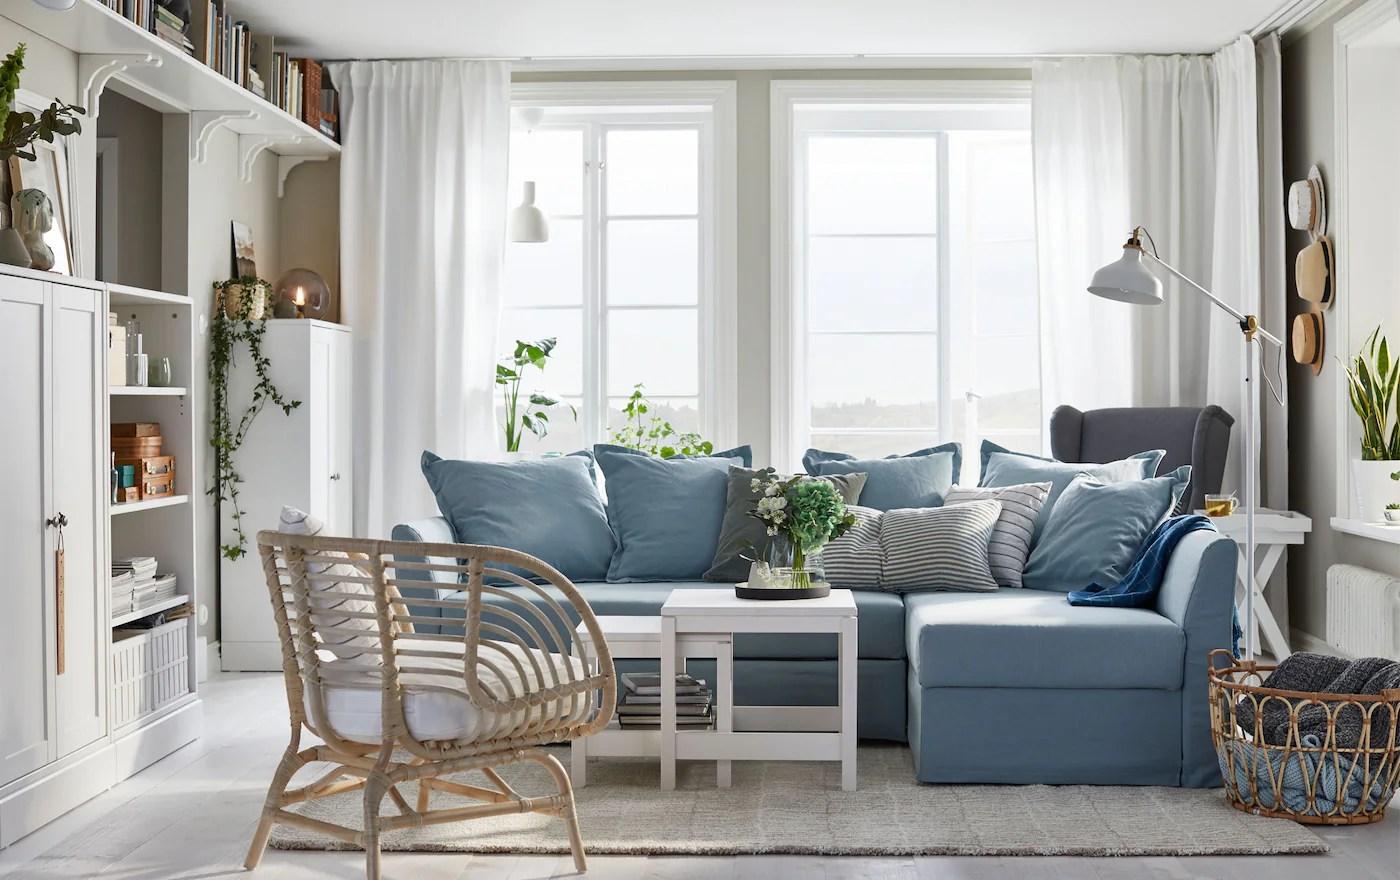 hell frisch und unerhort einladend ein wohnzimmer fur tolle erinnerungen